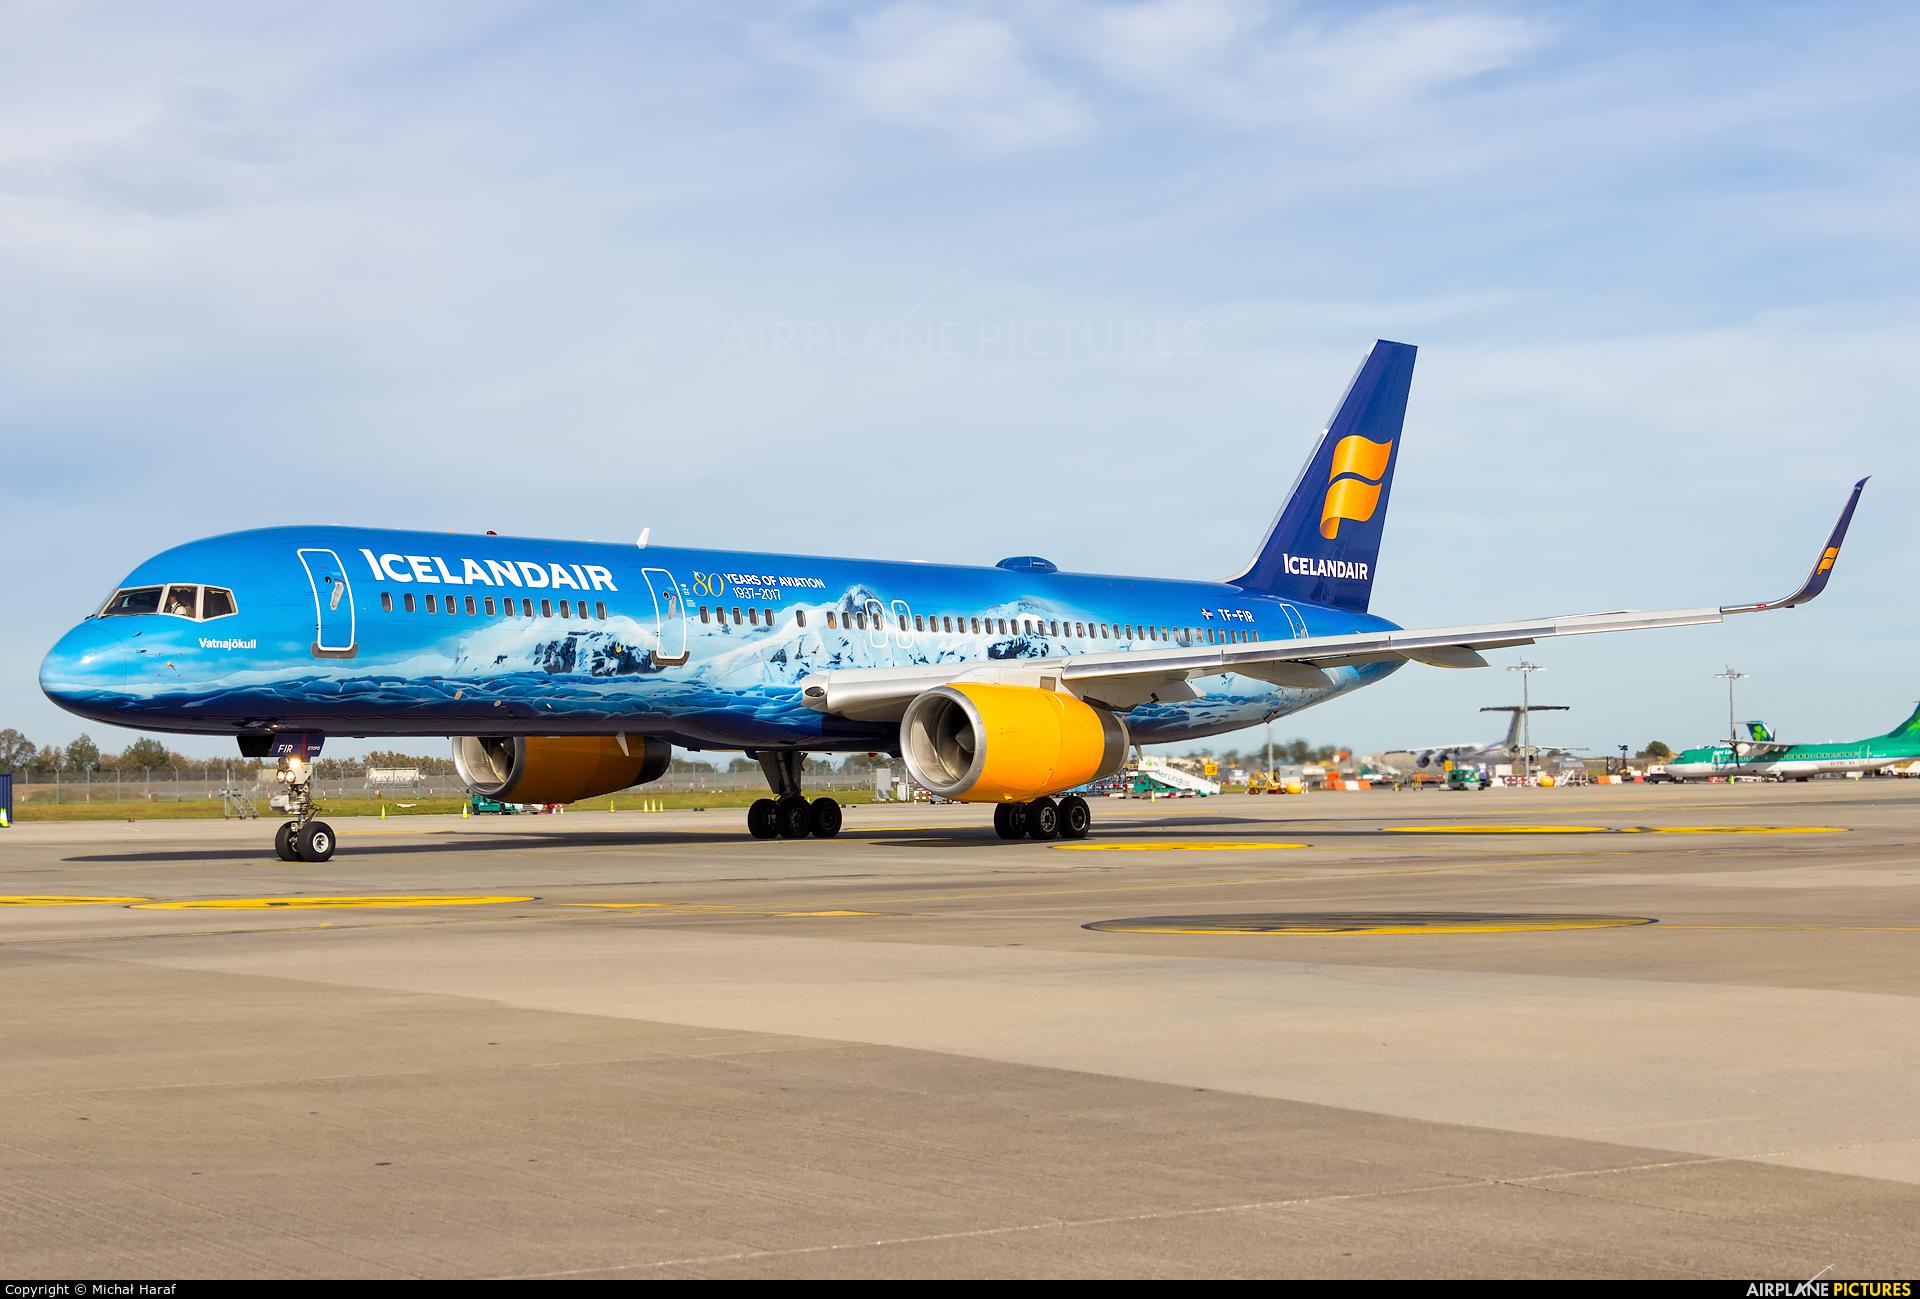 Icelandair TF-FIR aircraft at Dublin